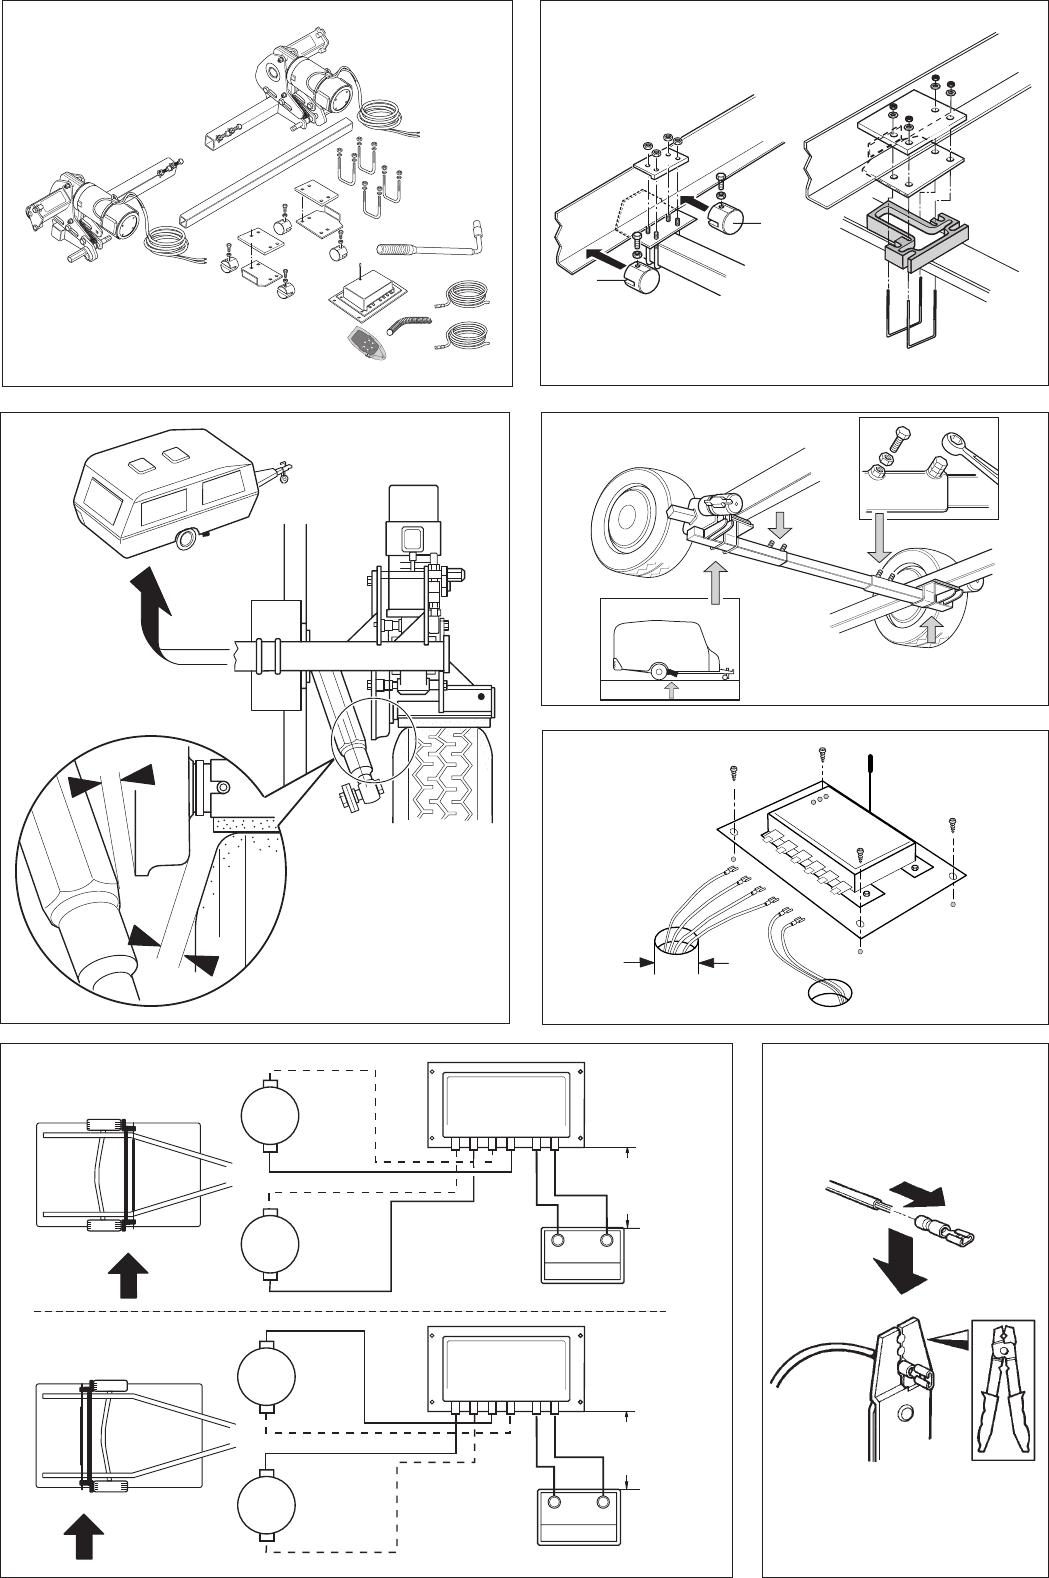 Handleiding truma mover caravan mover 2 pagina 6 van 14 english c cheapraybanclubmaster Gallery